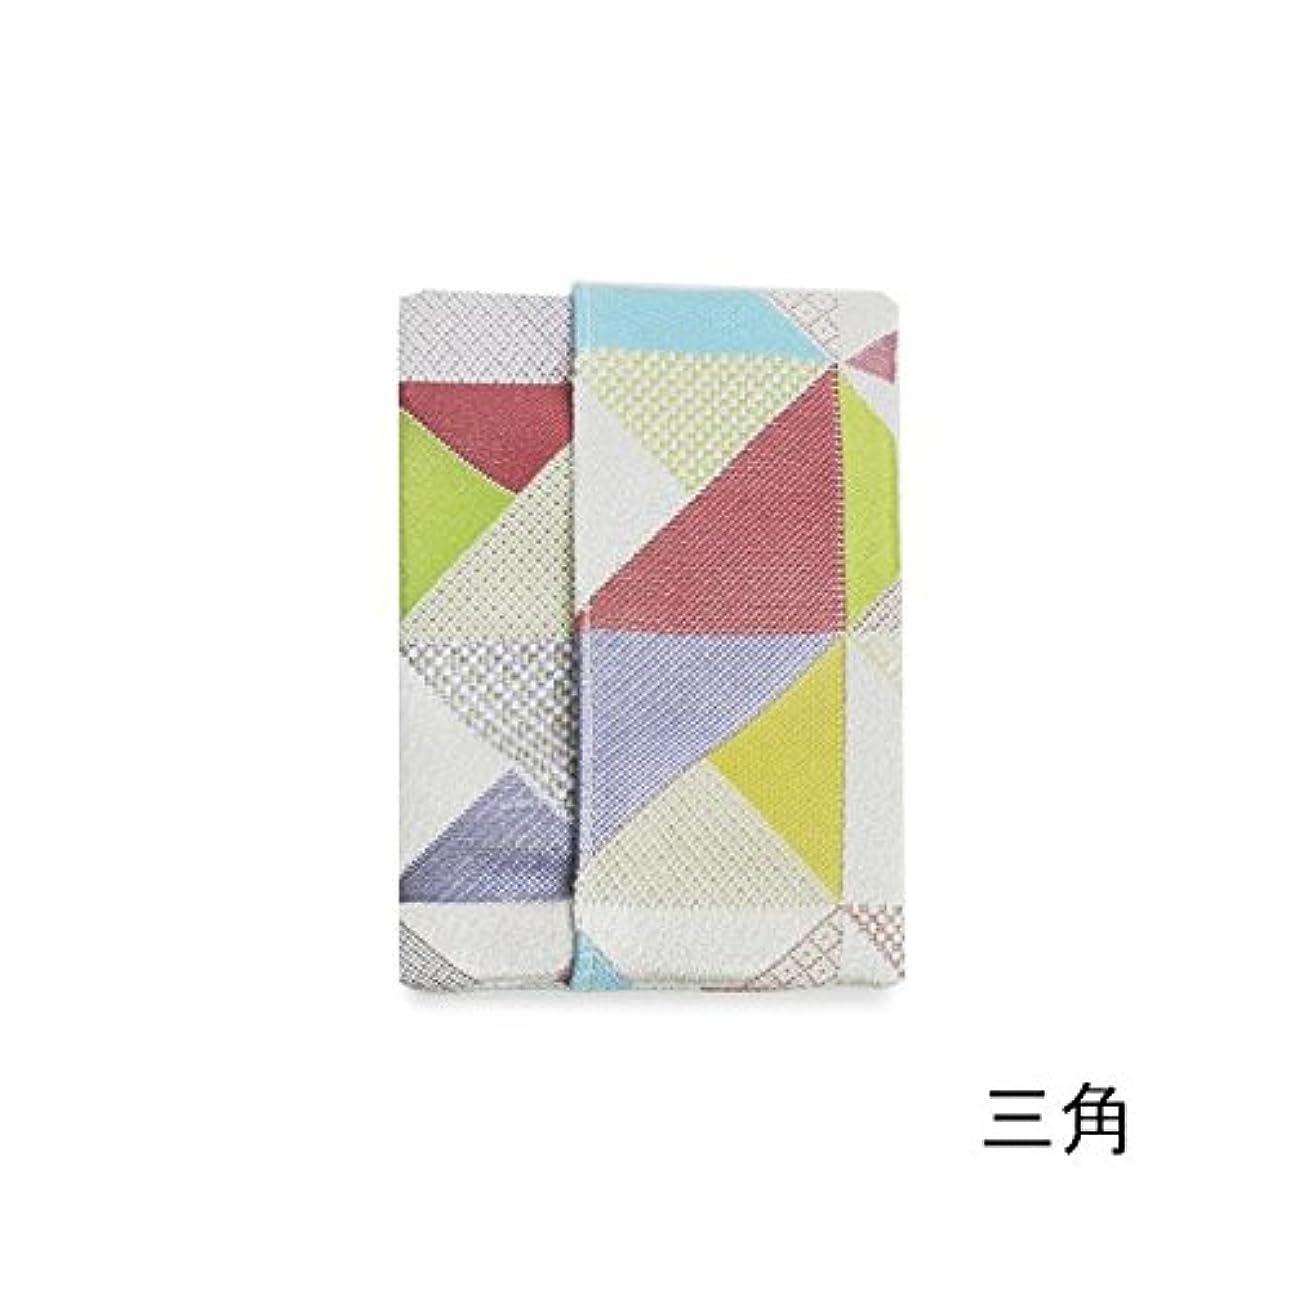 なにいろ サシェ  (三角)